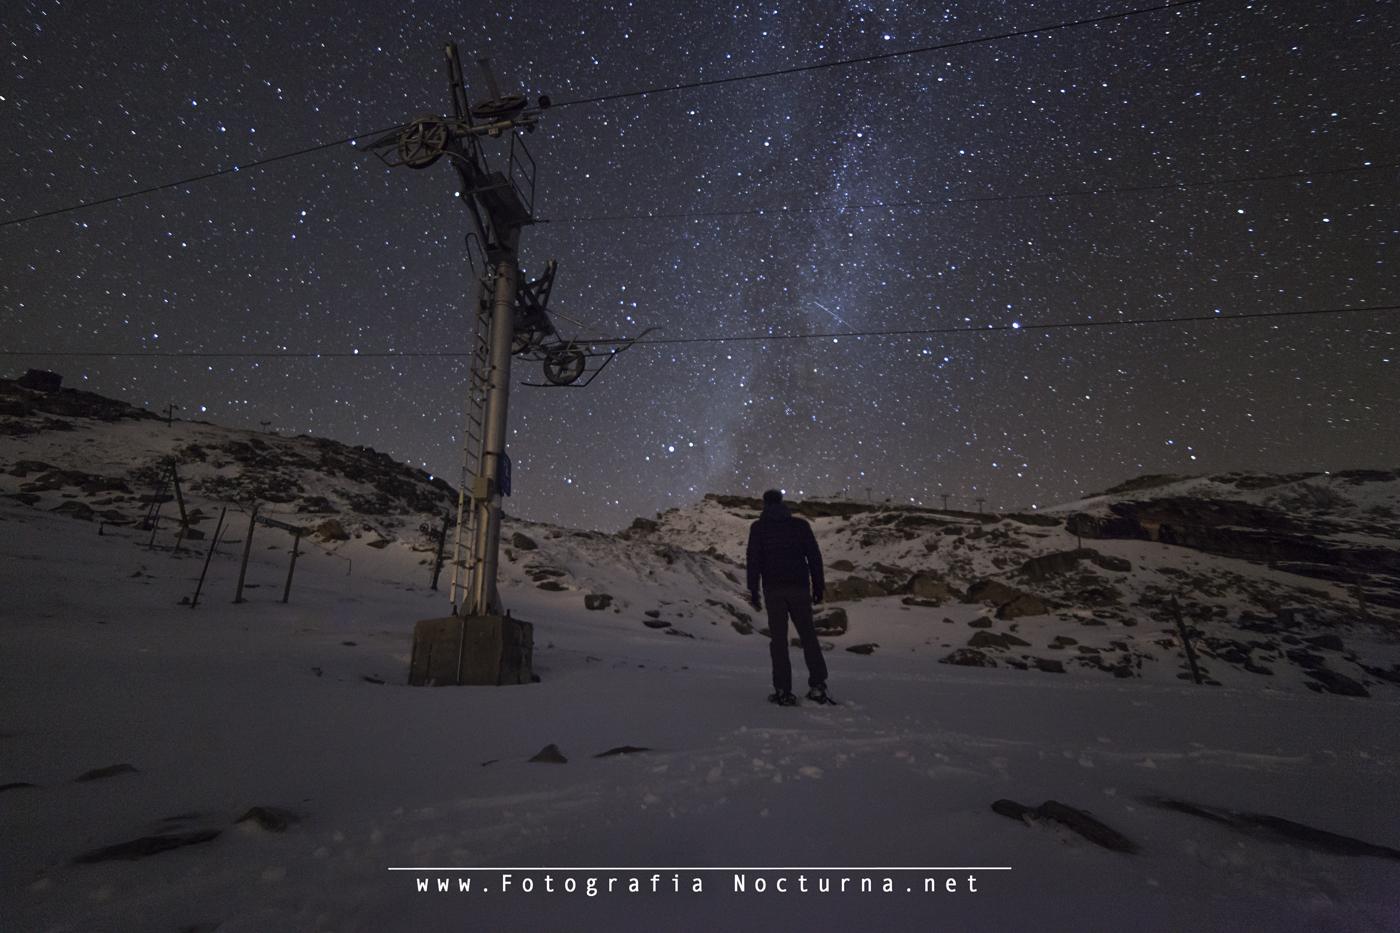 Fotografía nocturna en Alto Campoo